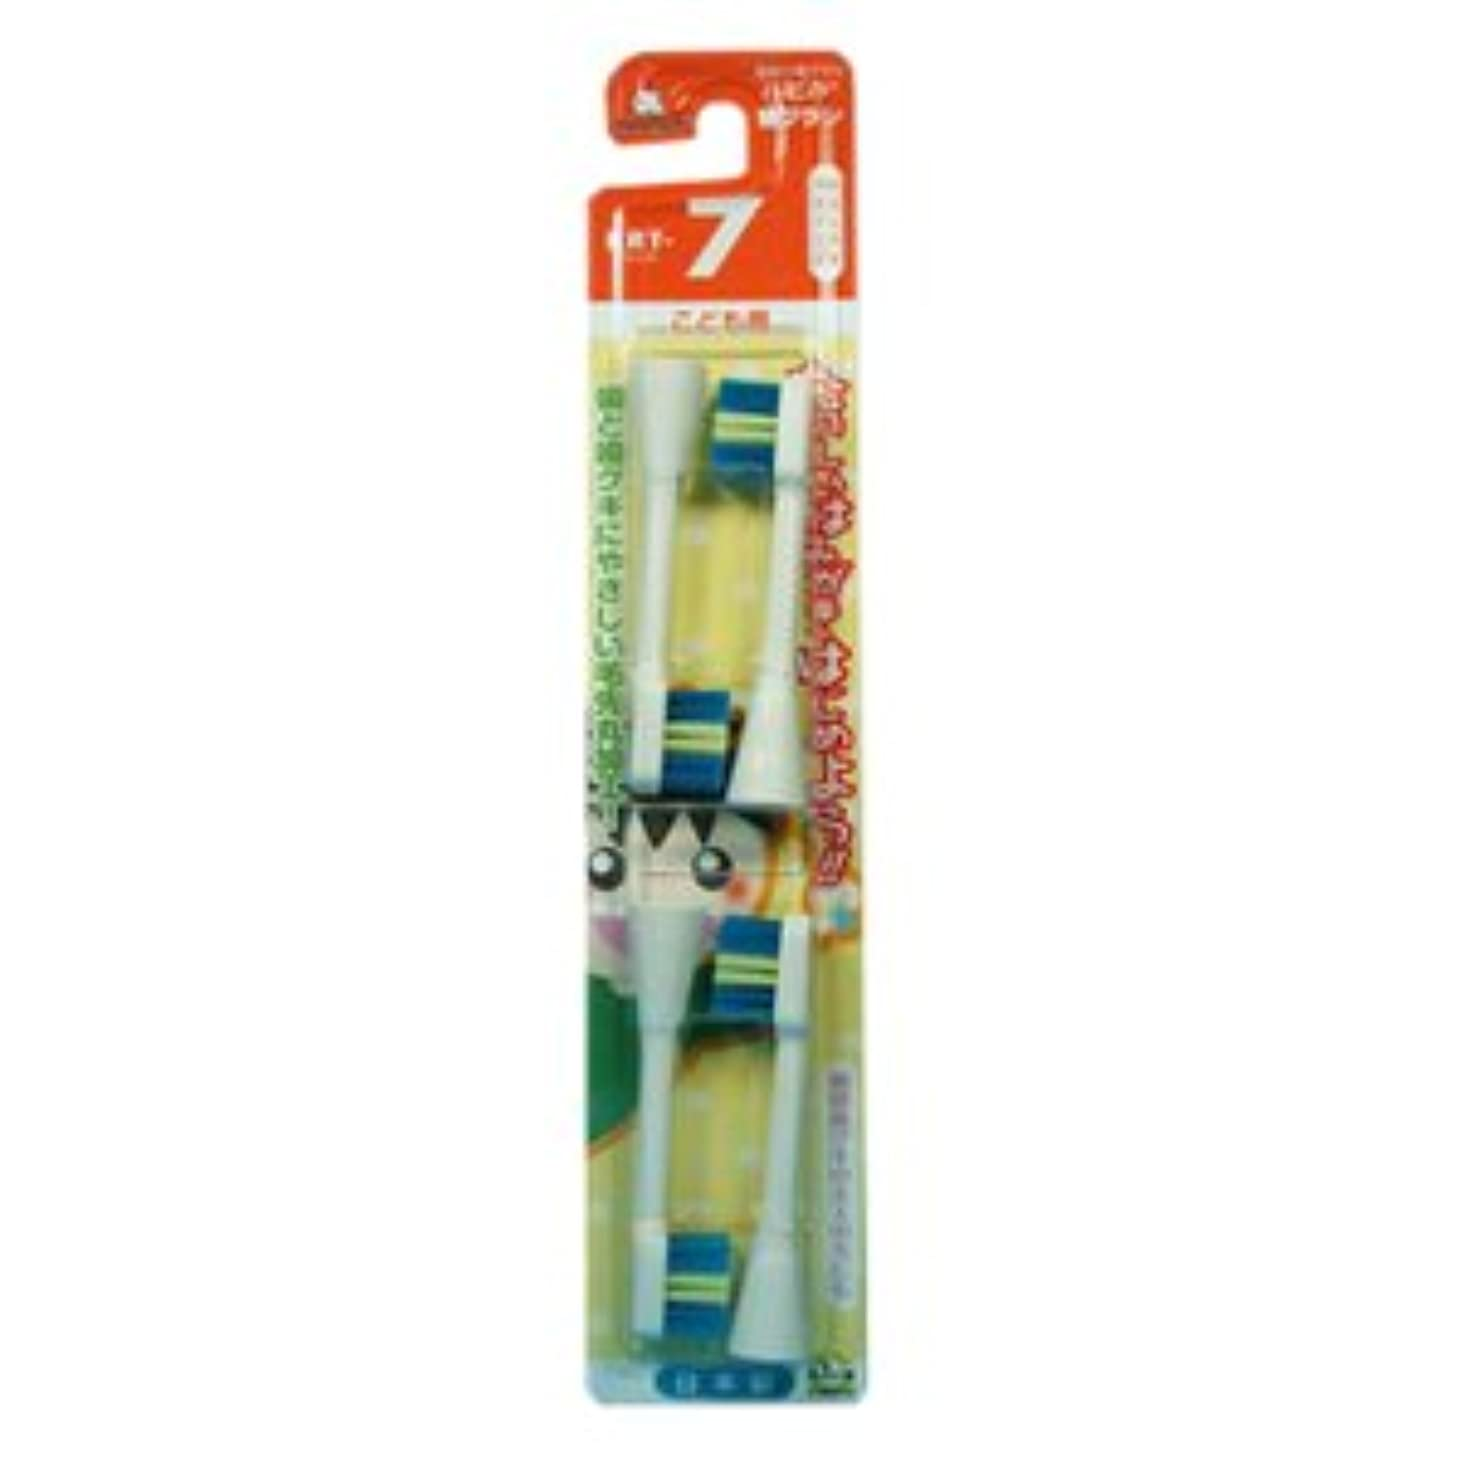 追放する空の緊張するミニマム 電動付歯ブラシ ハピカ 専用替ブラシ こども用 毛の硬さ:やわらかめ BRT-7 4個入